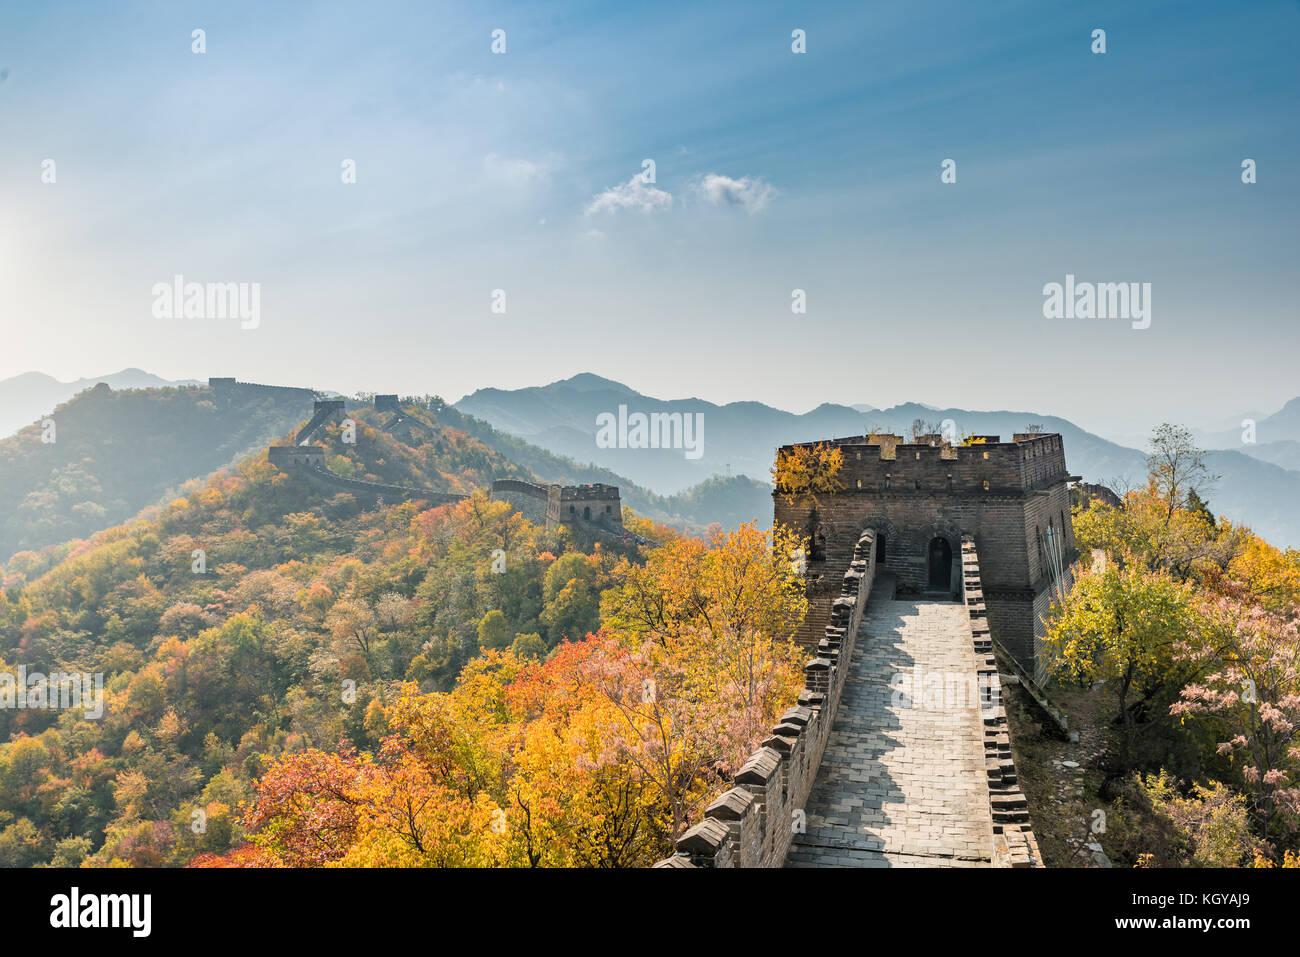 La gran muralla china vista lejana torres comprimido y segmentos de pared temporada de otoño en las montañas Imagen De Stock